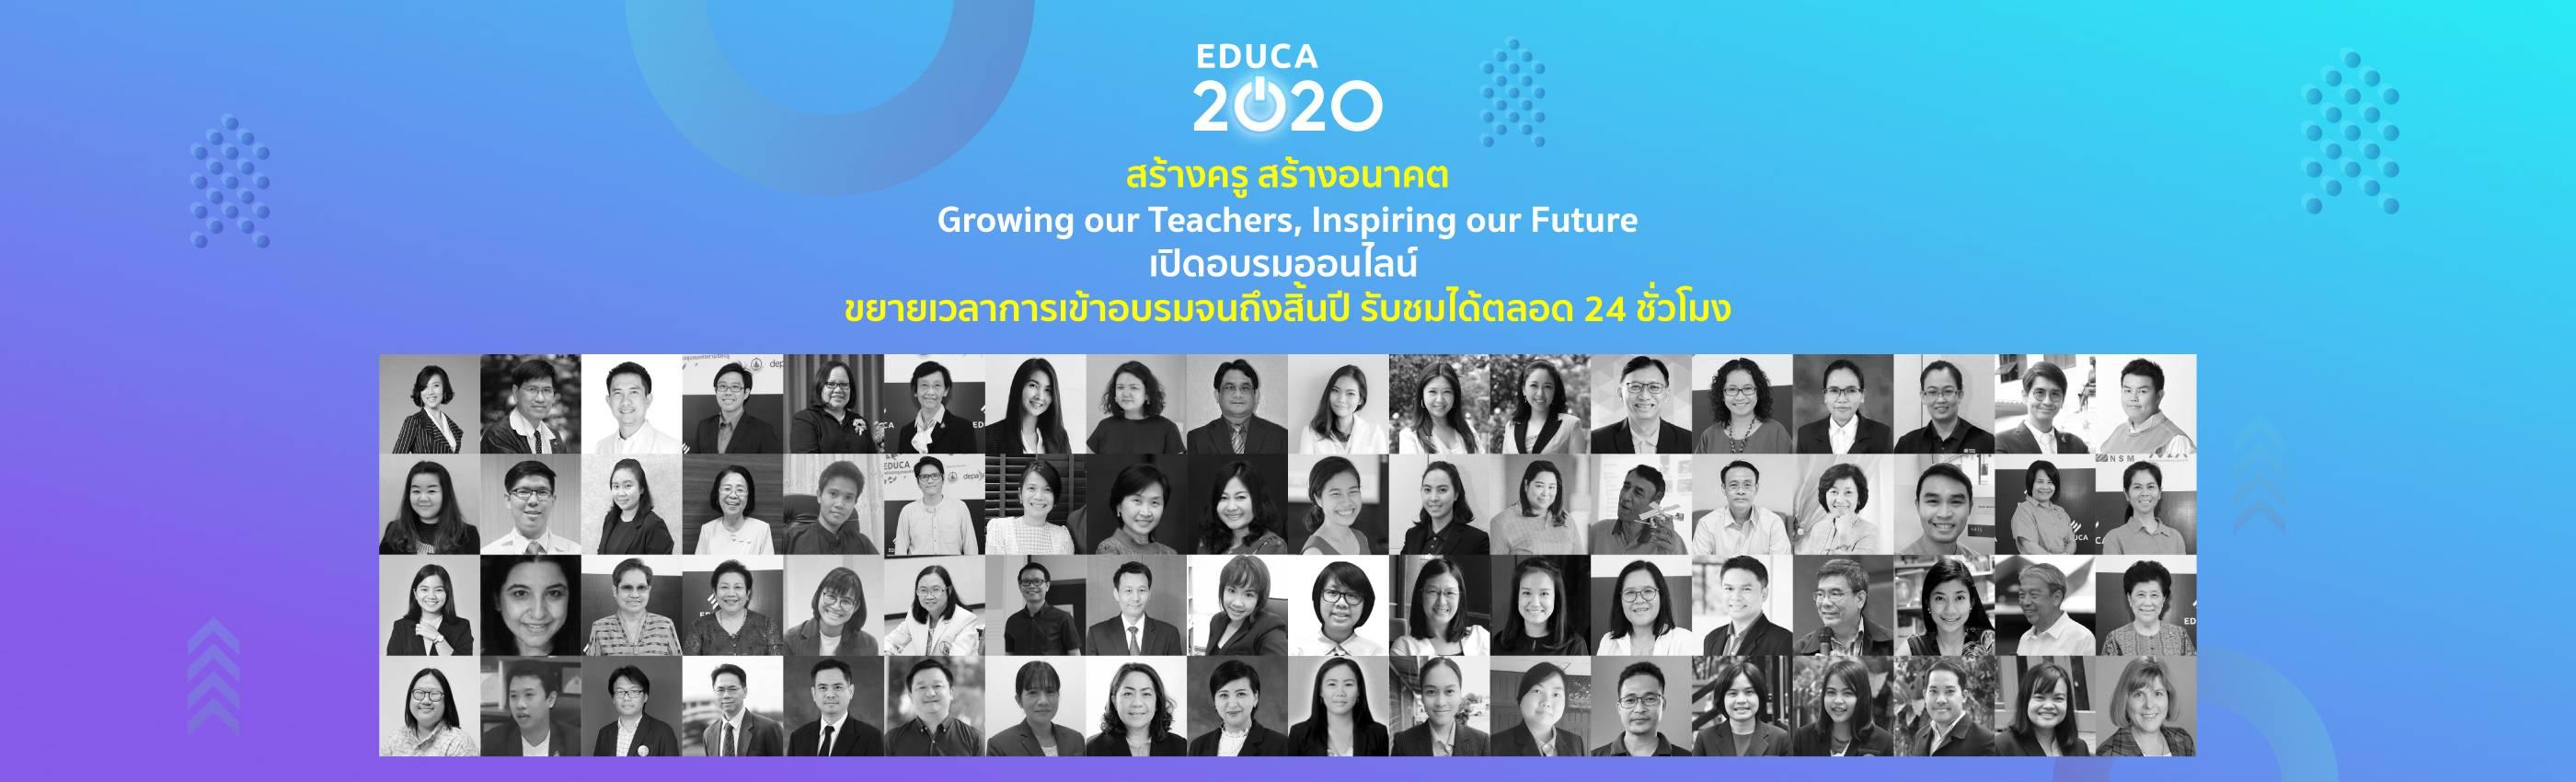 แพลตฟอร์มทางการศึกษาเพื่อพัฒนาวิชาชีพครู ครั้งที่ 13